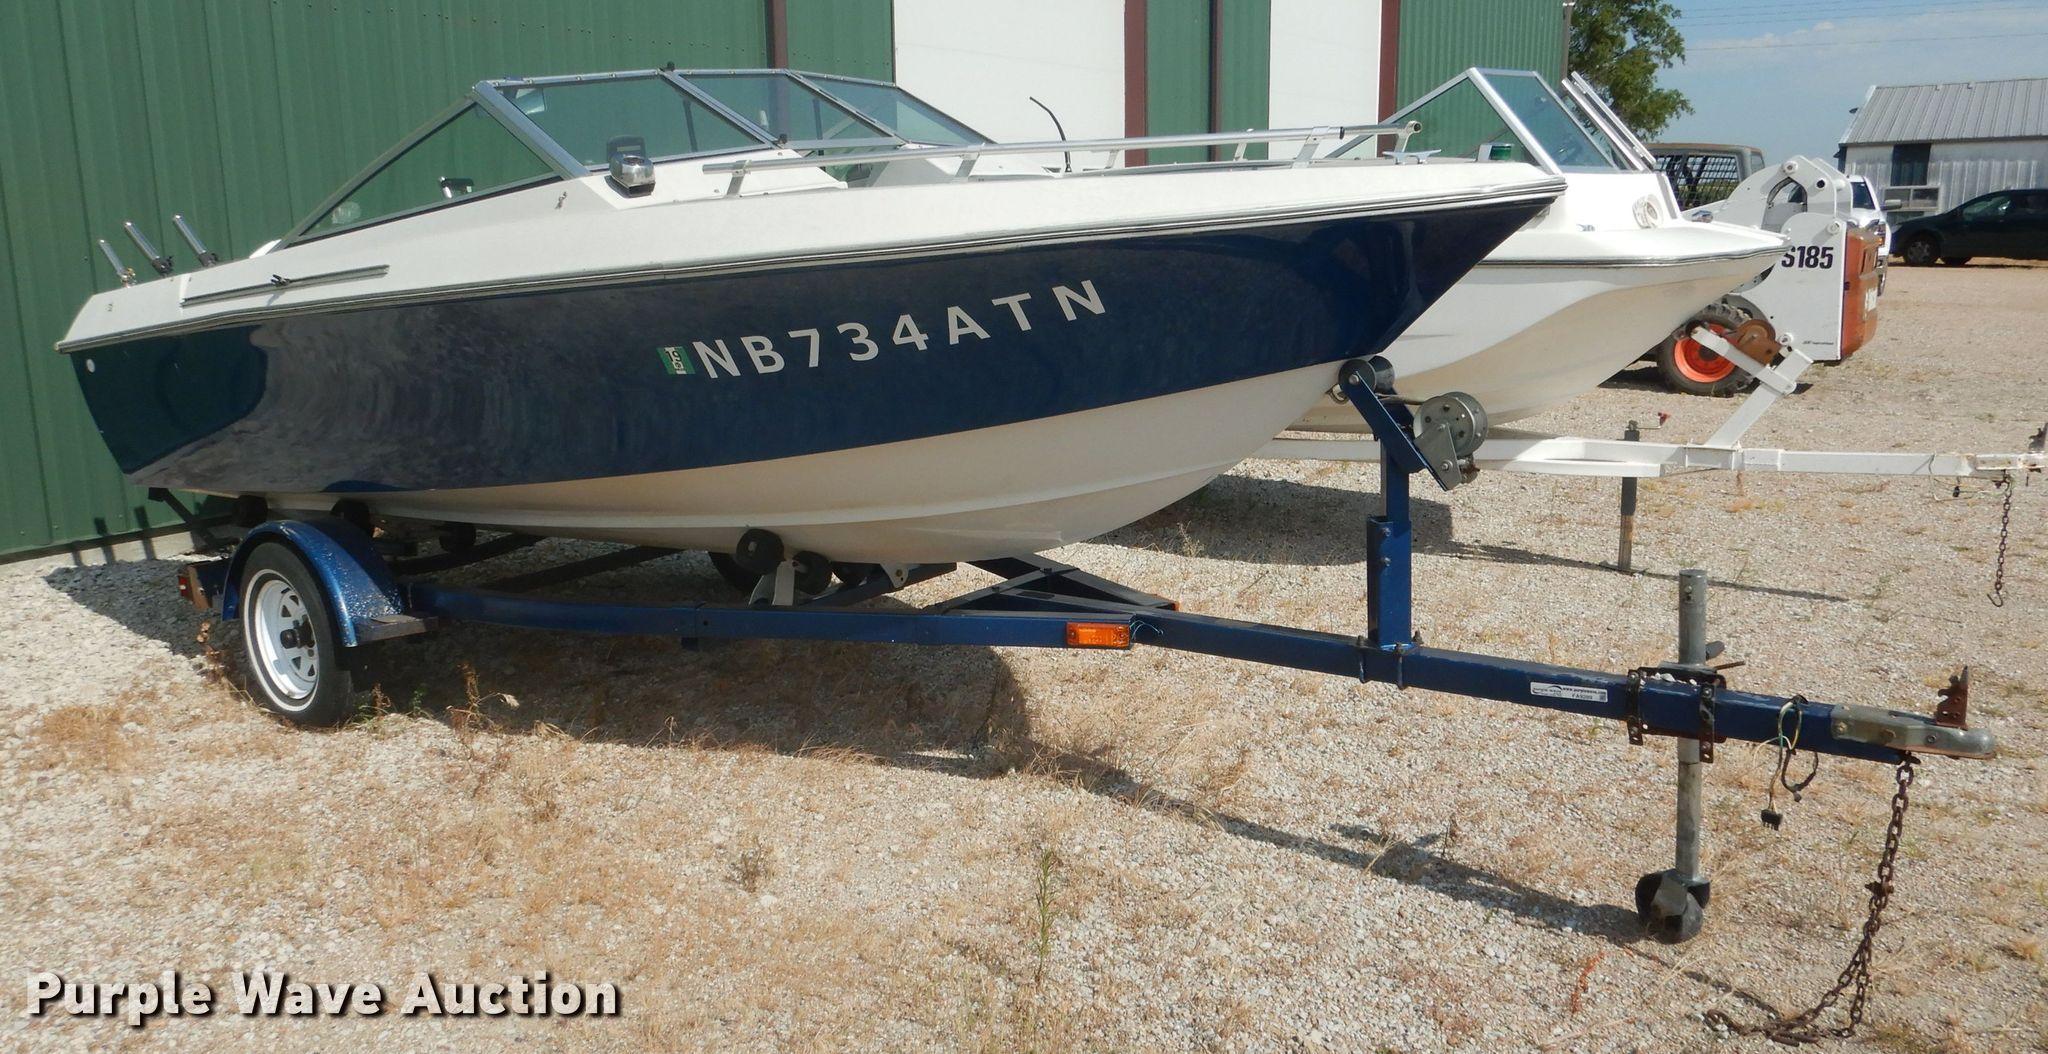 1975 Larson boat | Item FA9289 | Wednesday September 4 Vehic